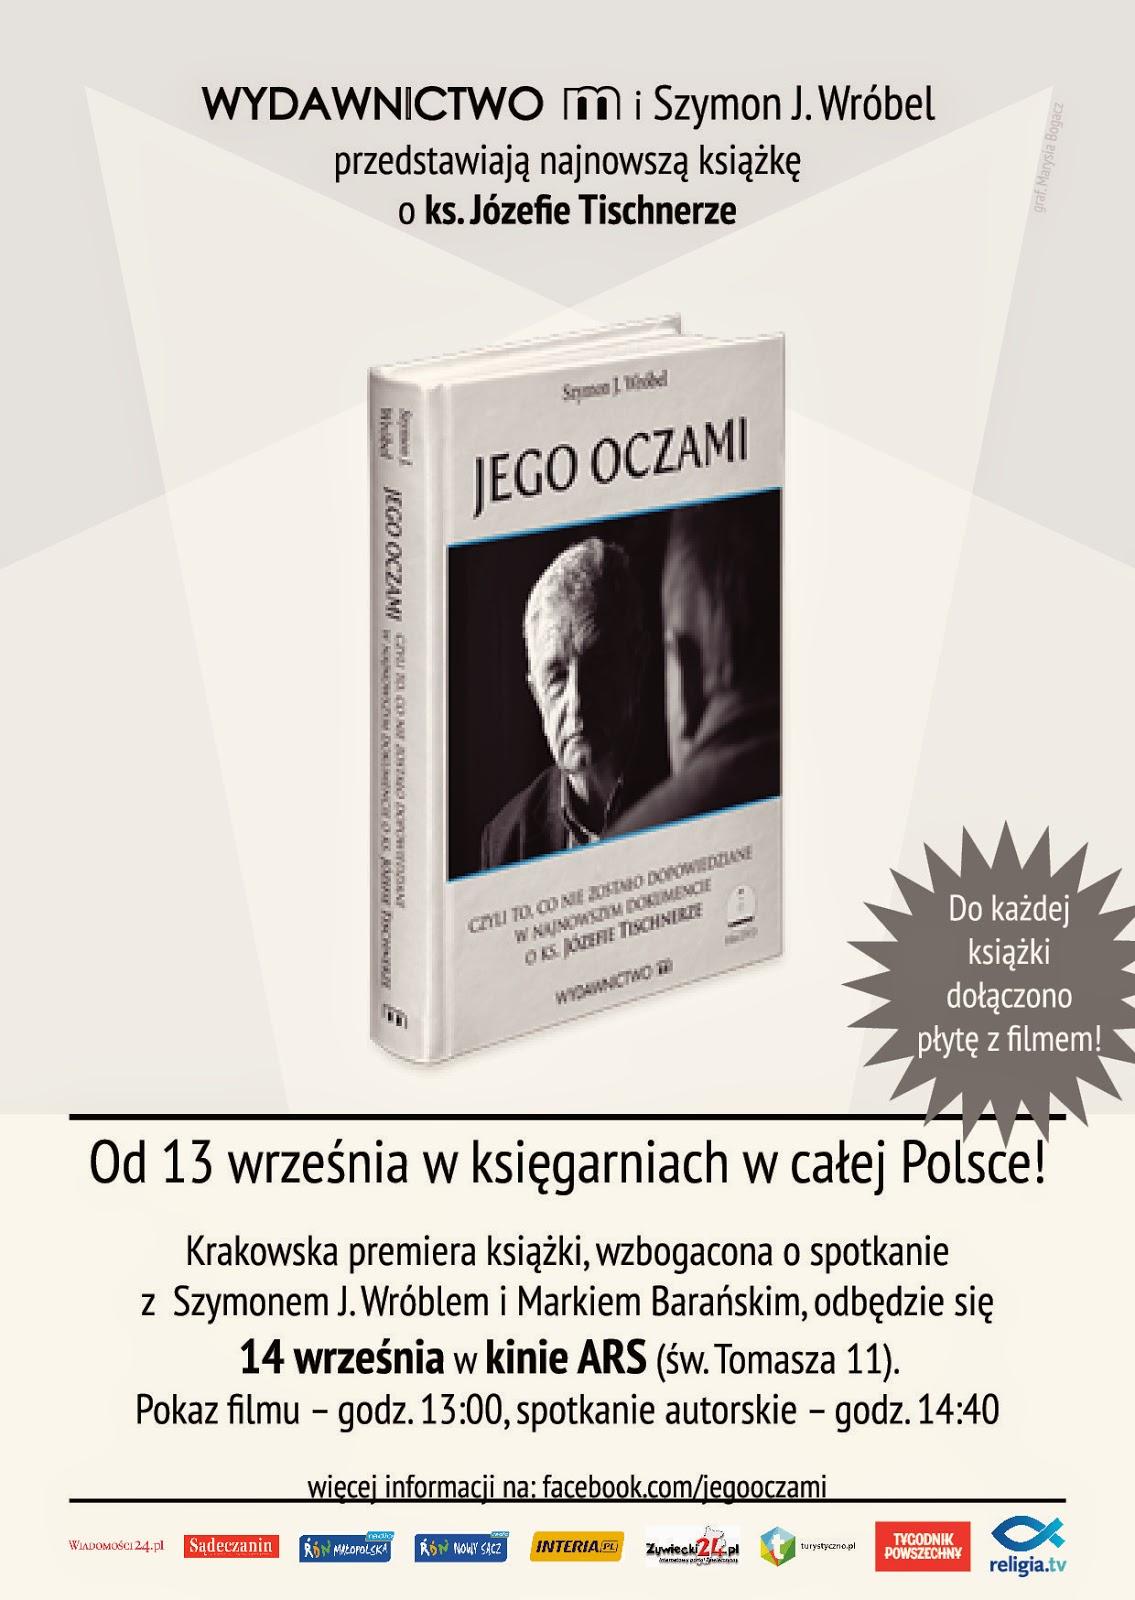 Wydawnictwo M - spotkania autorskie